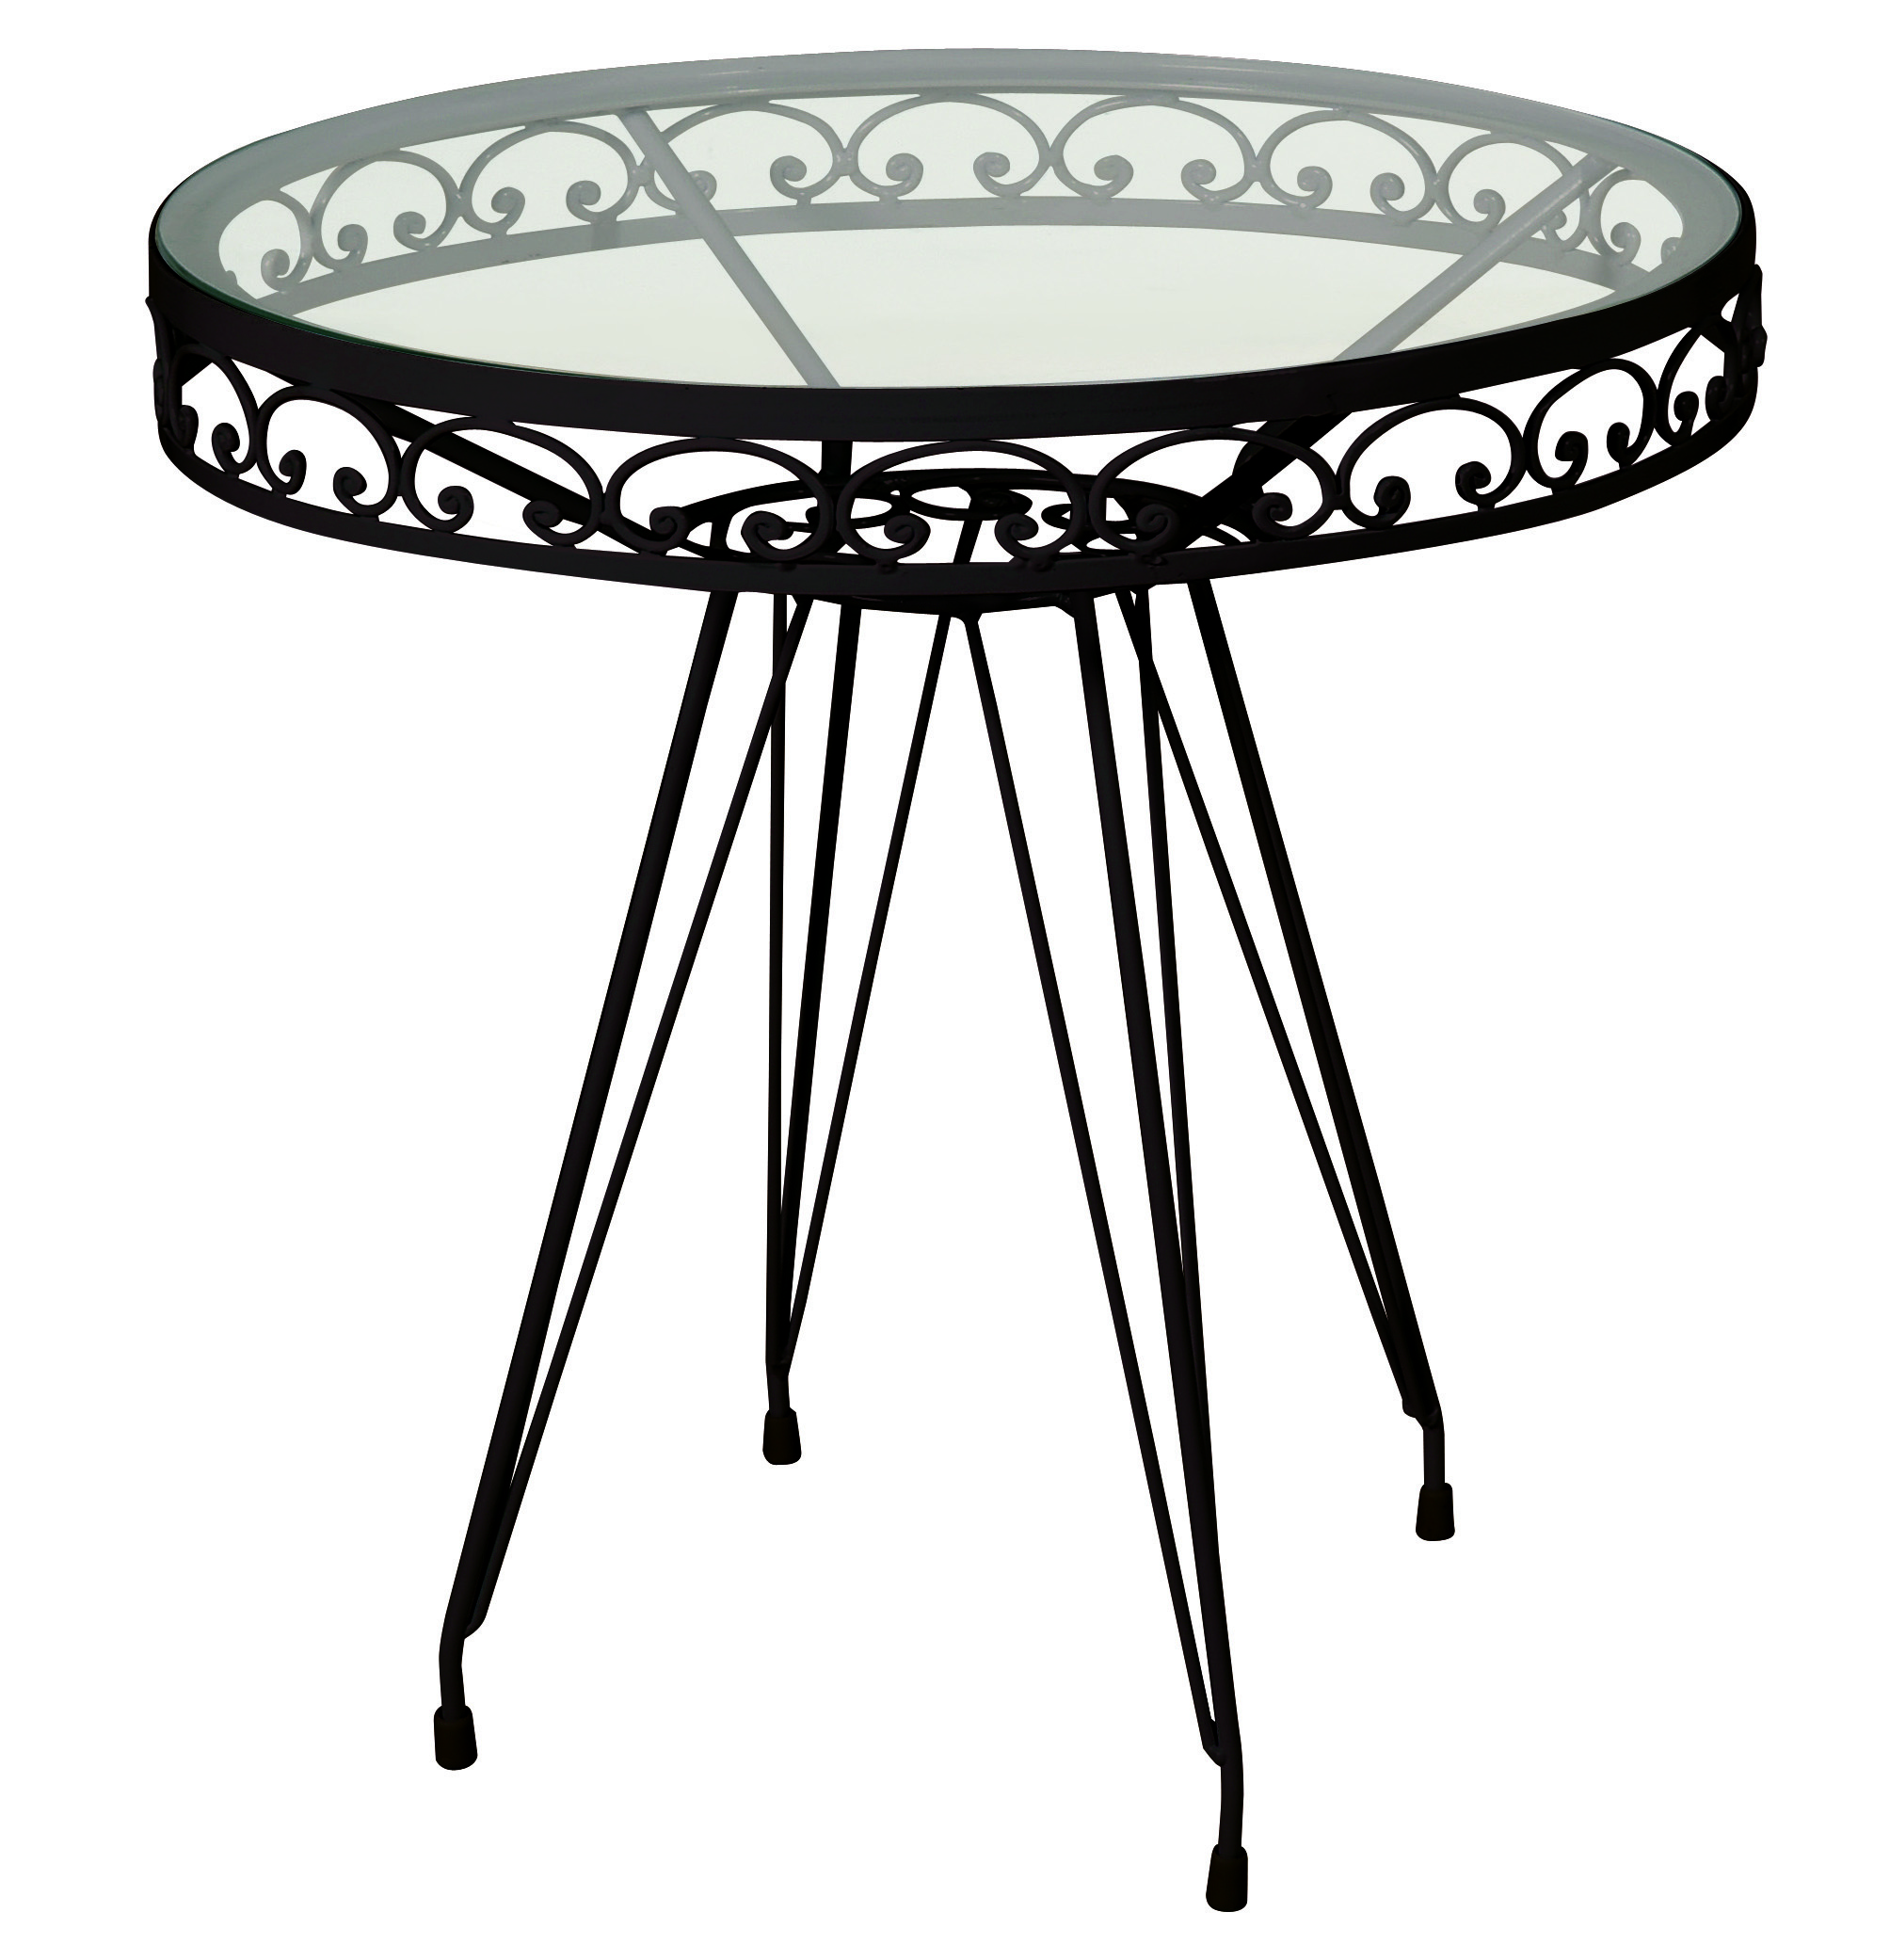 Γαλβανισμένο Στρογγυλό Τραπέζι Μασίφ Με Μονό Τζάμι Ø110 x 75cm